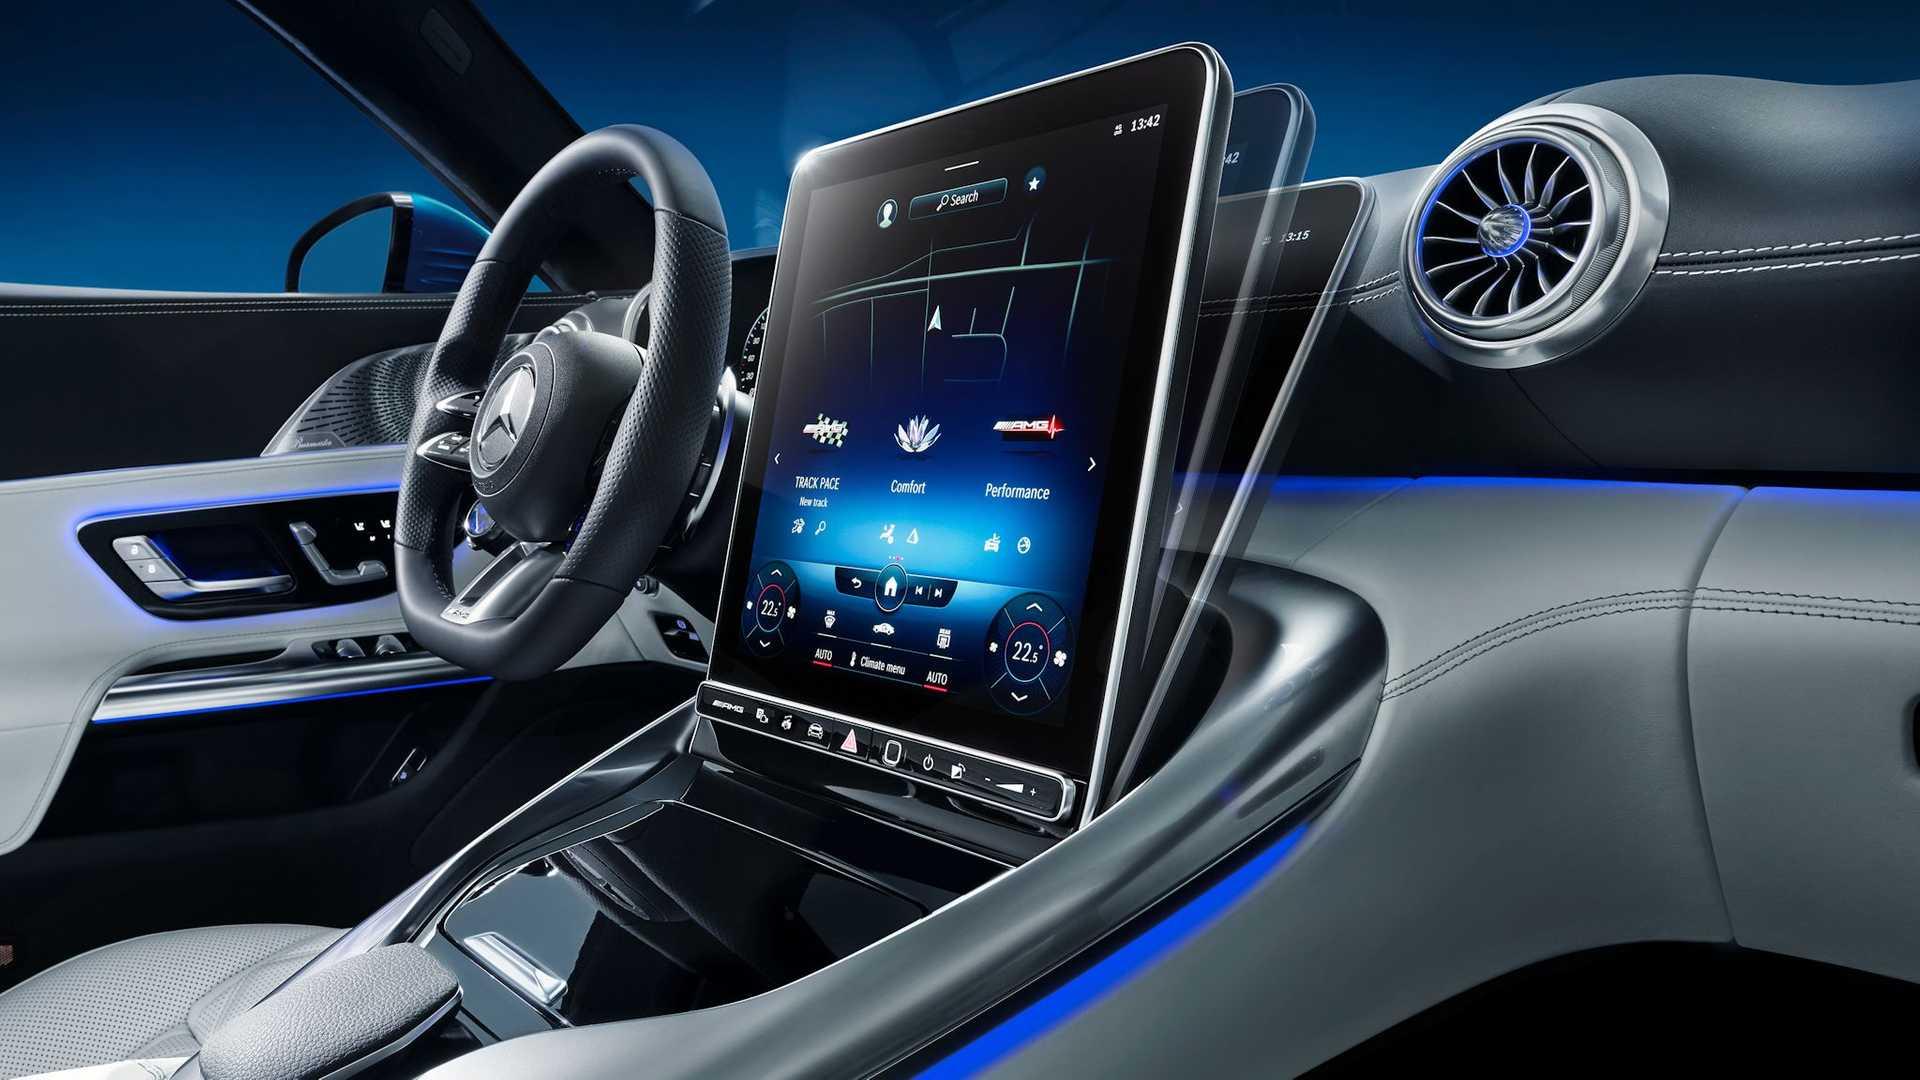 Las pantallas son las protagonistas en el interior del Mercedes-AMG SL 2022